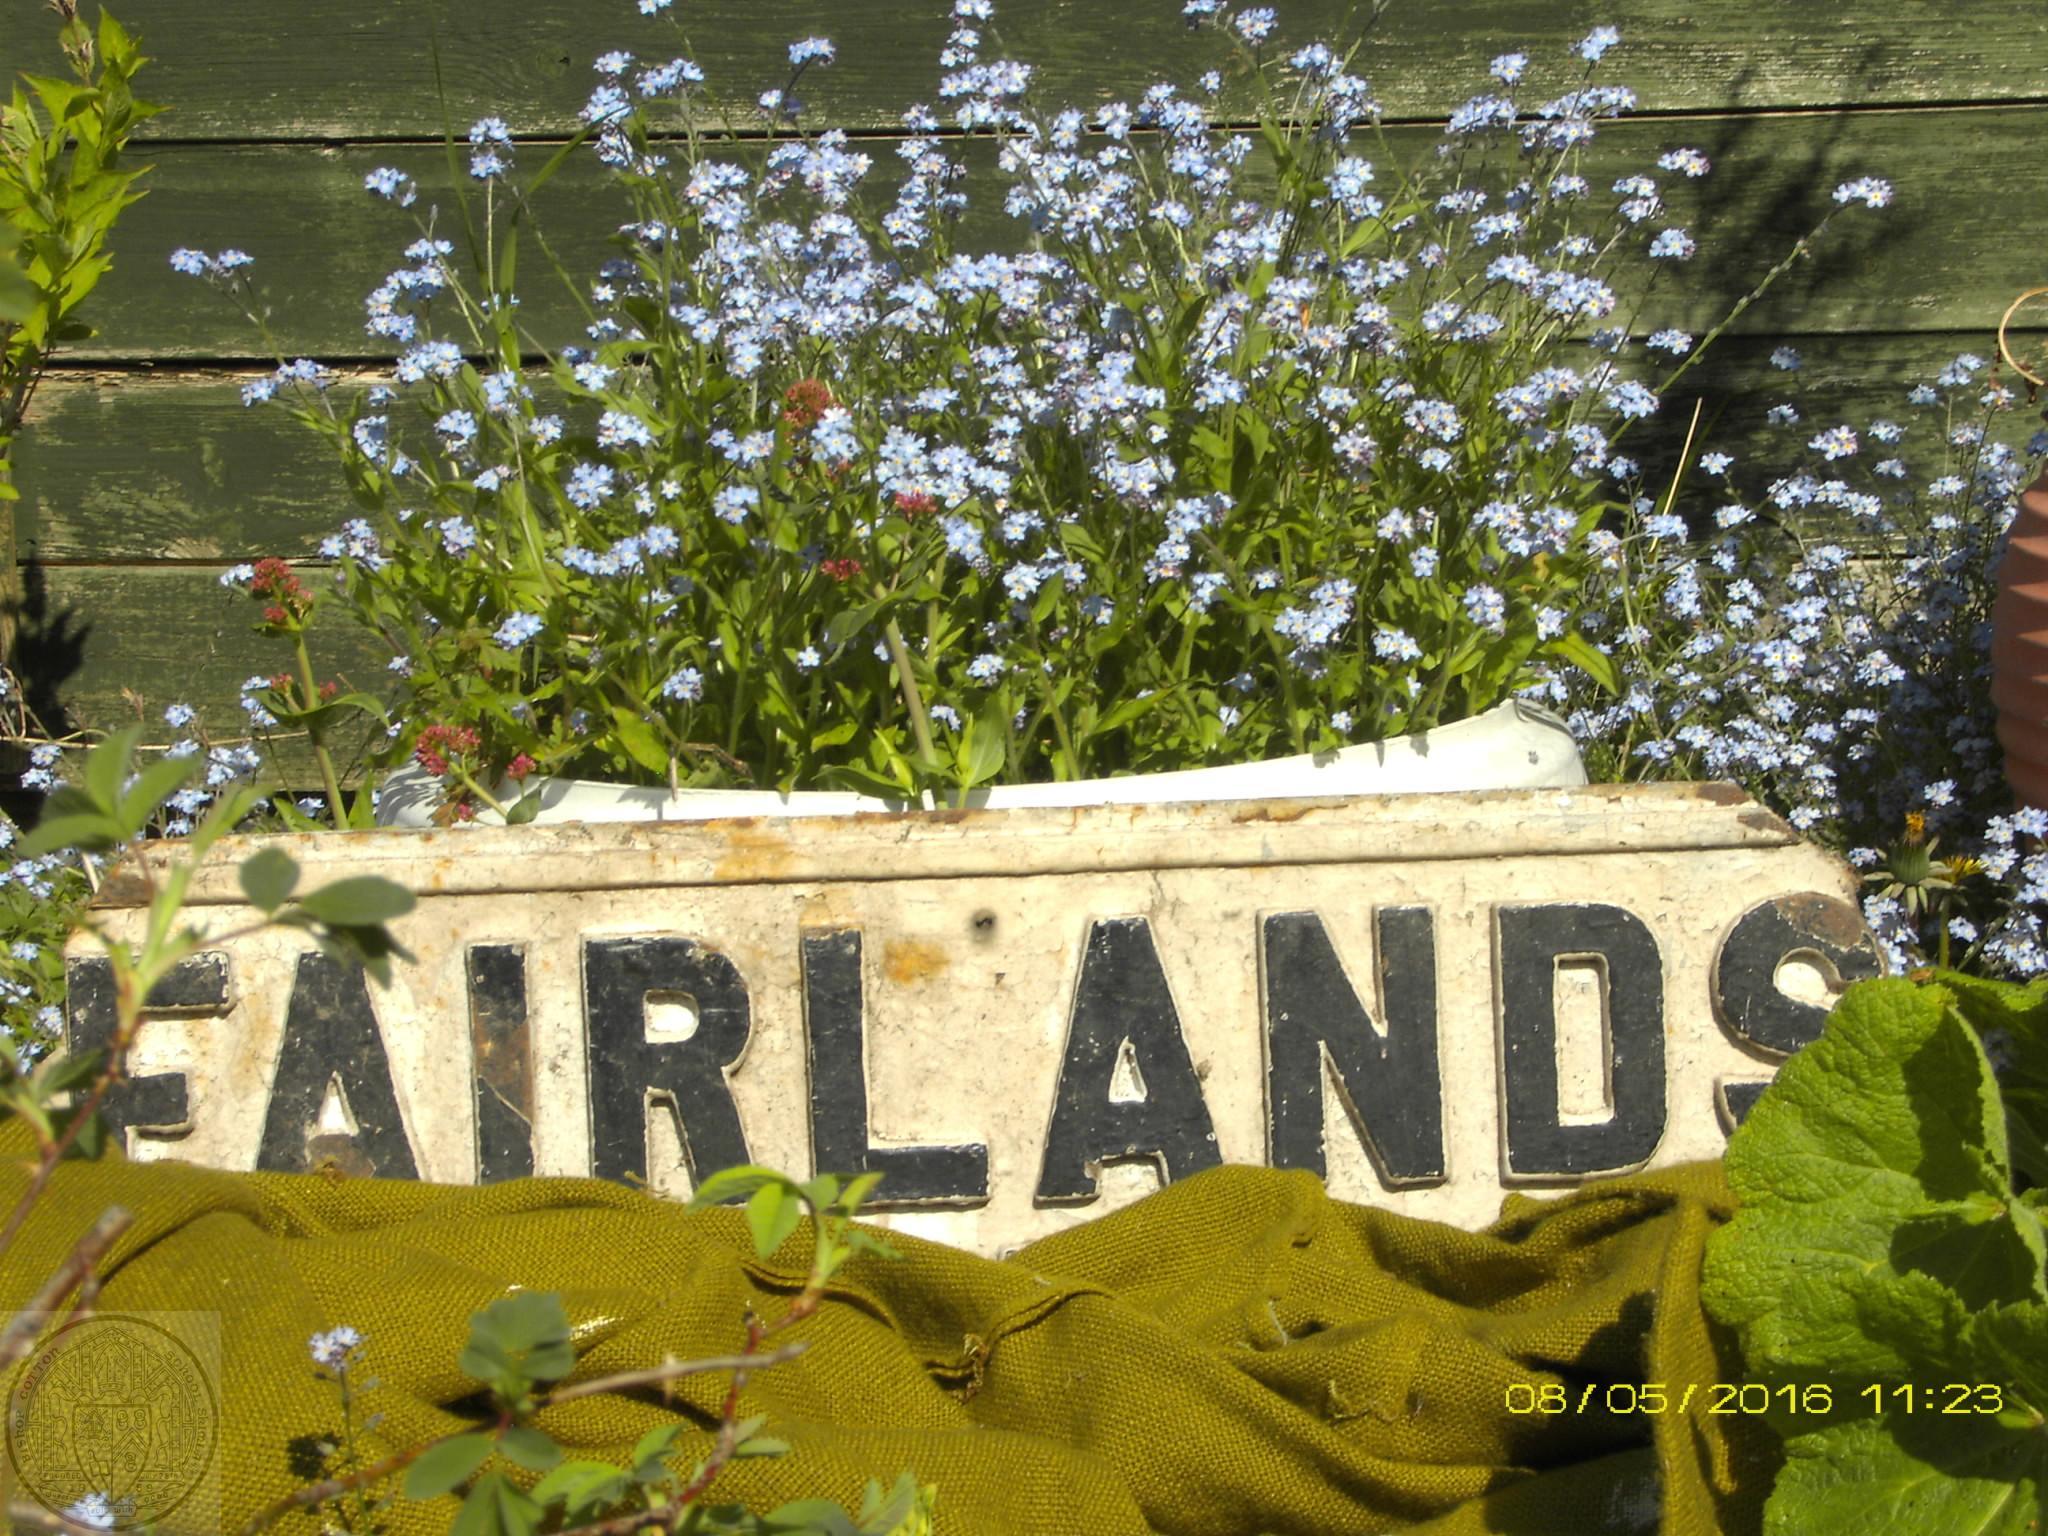 Fairlands